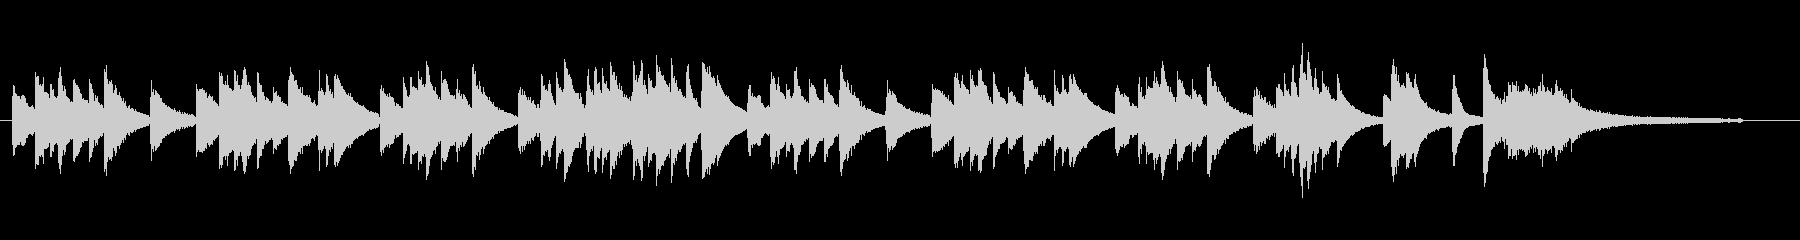 大人の雰囲気のバー・カフェ ジャズピアノの未再生の波形